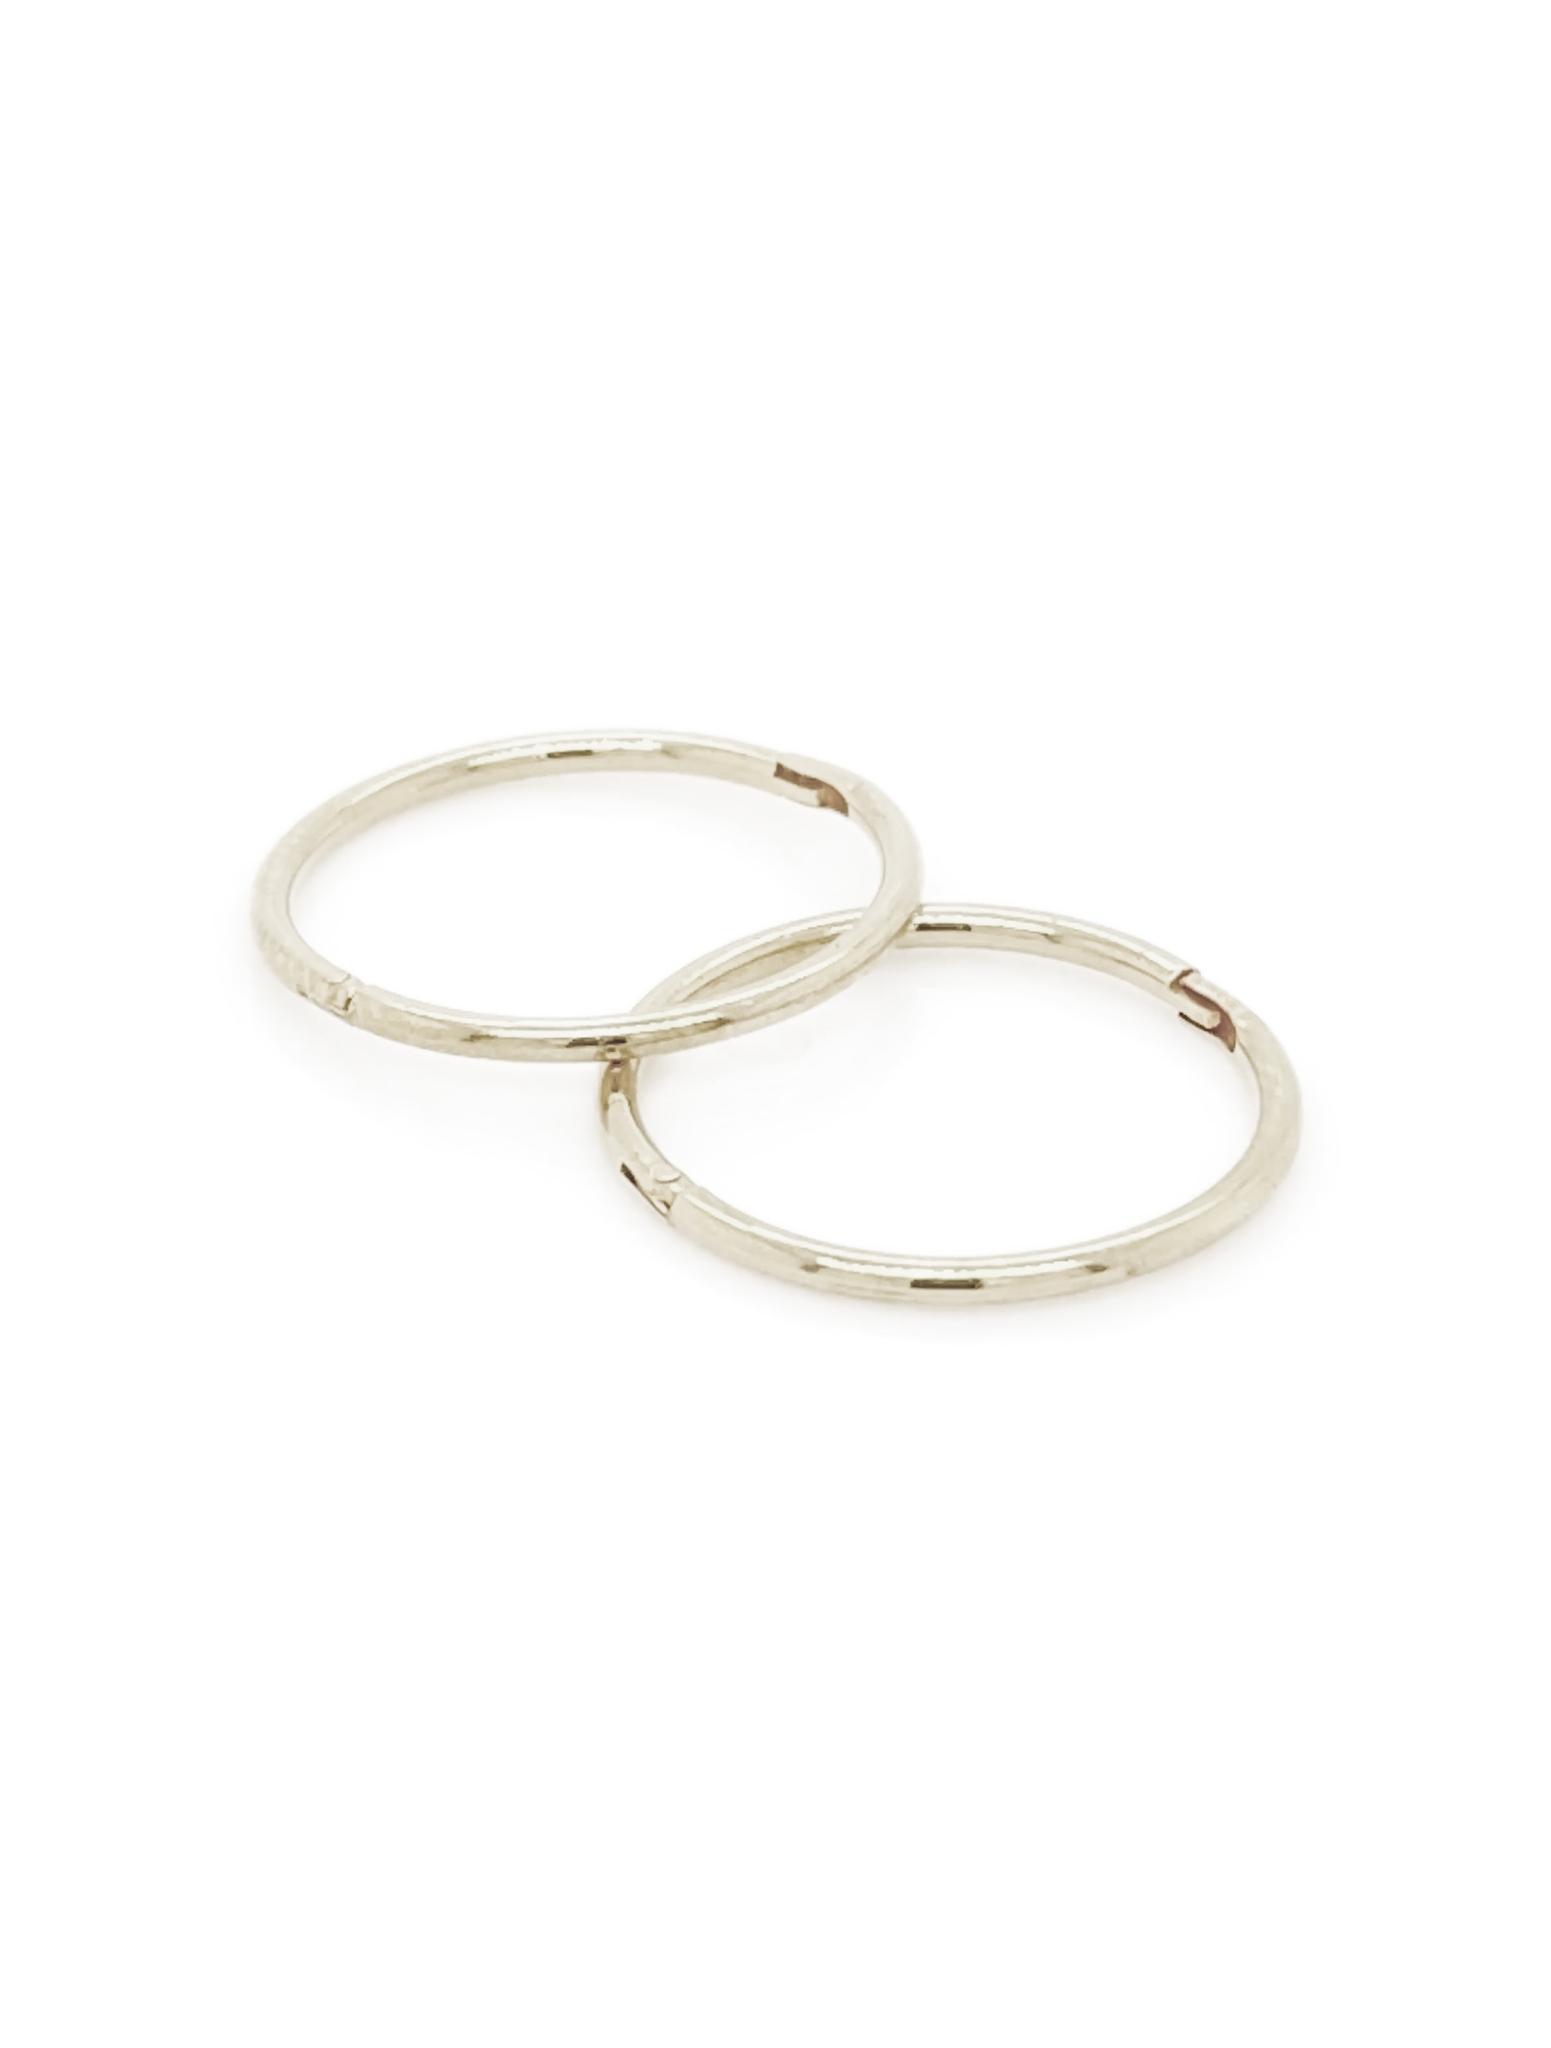 Large Plain Hinged Sleeper Hoop Earrings In 9ct White Gold